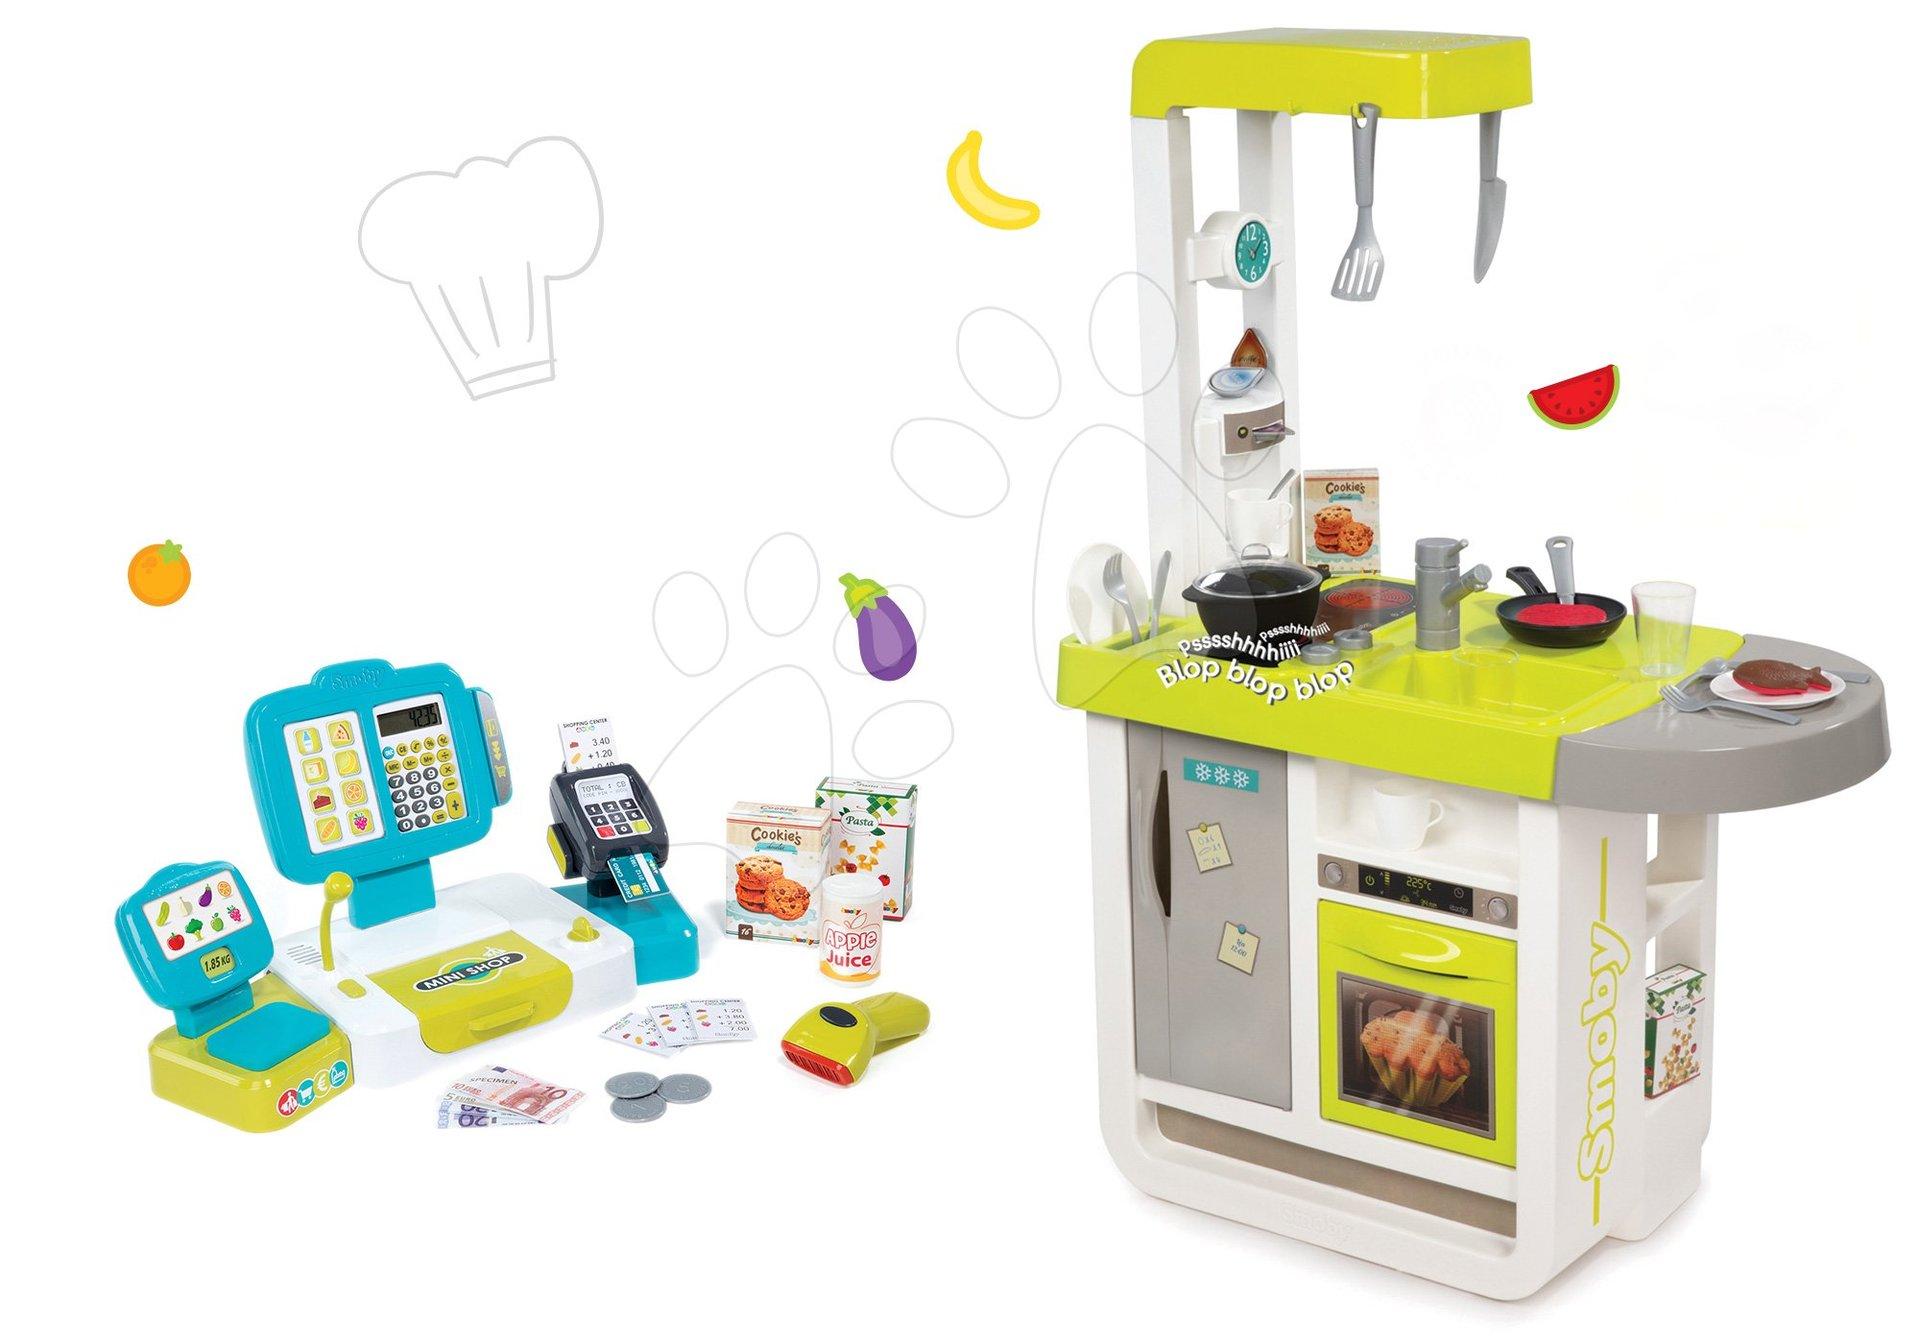 Smoby set detská kuchynka elektronická Cherry so zvukmi a pokladňa s váhou, terminálom, čítačka kódov 310908-5